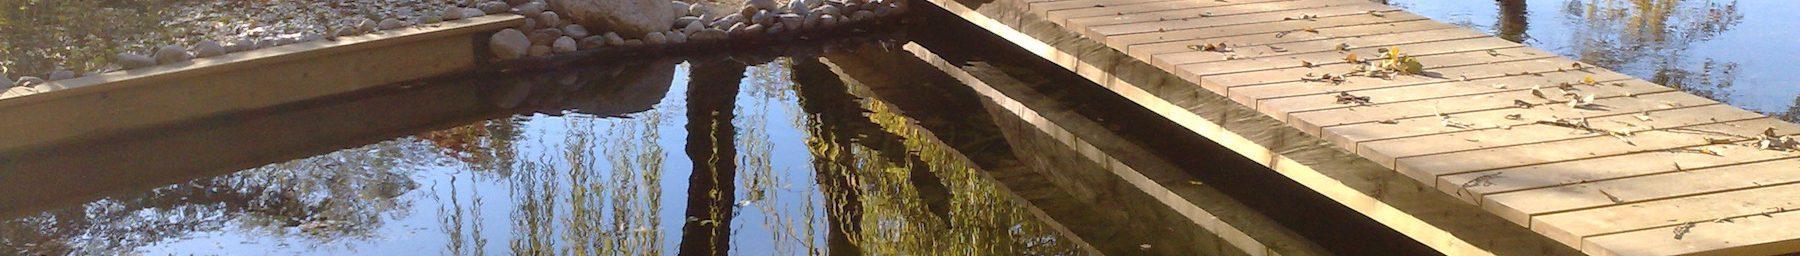 Grand bassin d'agrément près d'Annecy